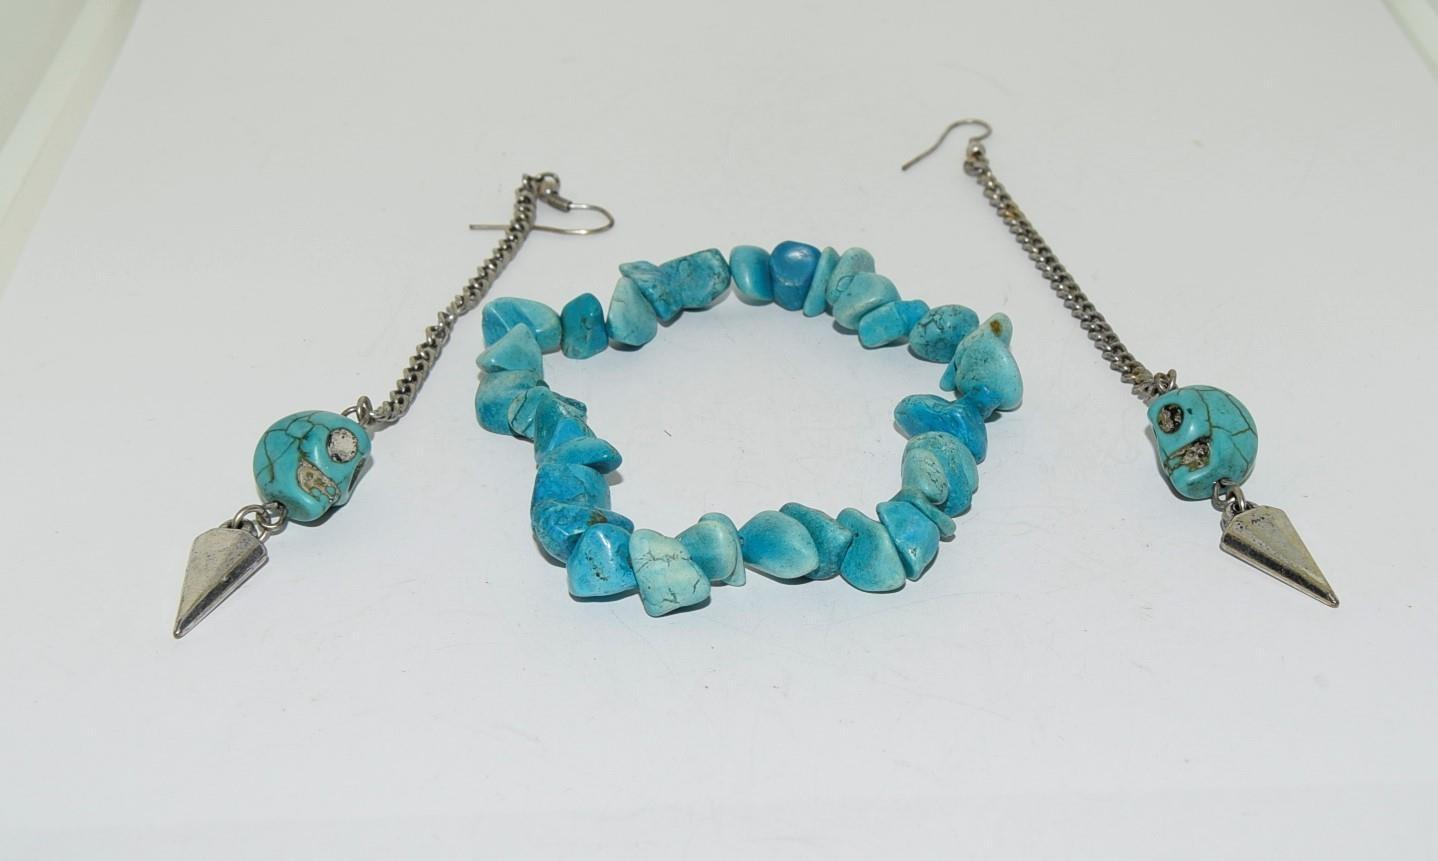 Turquoise Gemstone necklace and bracelet. - Image 3 of 3